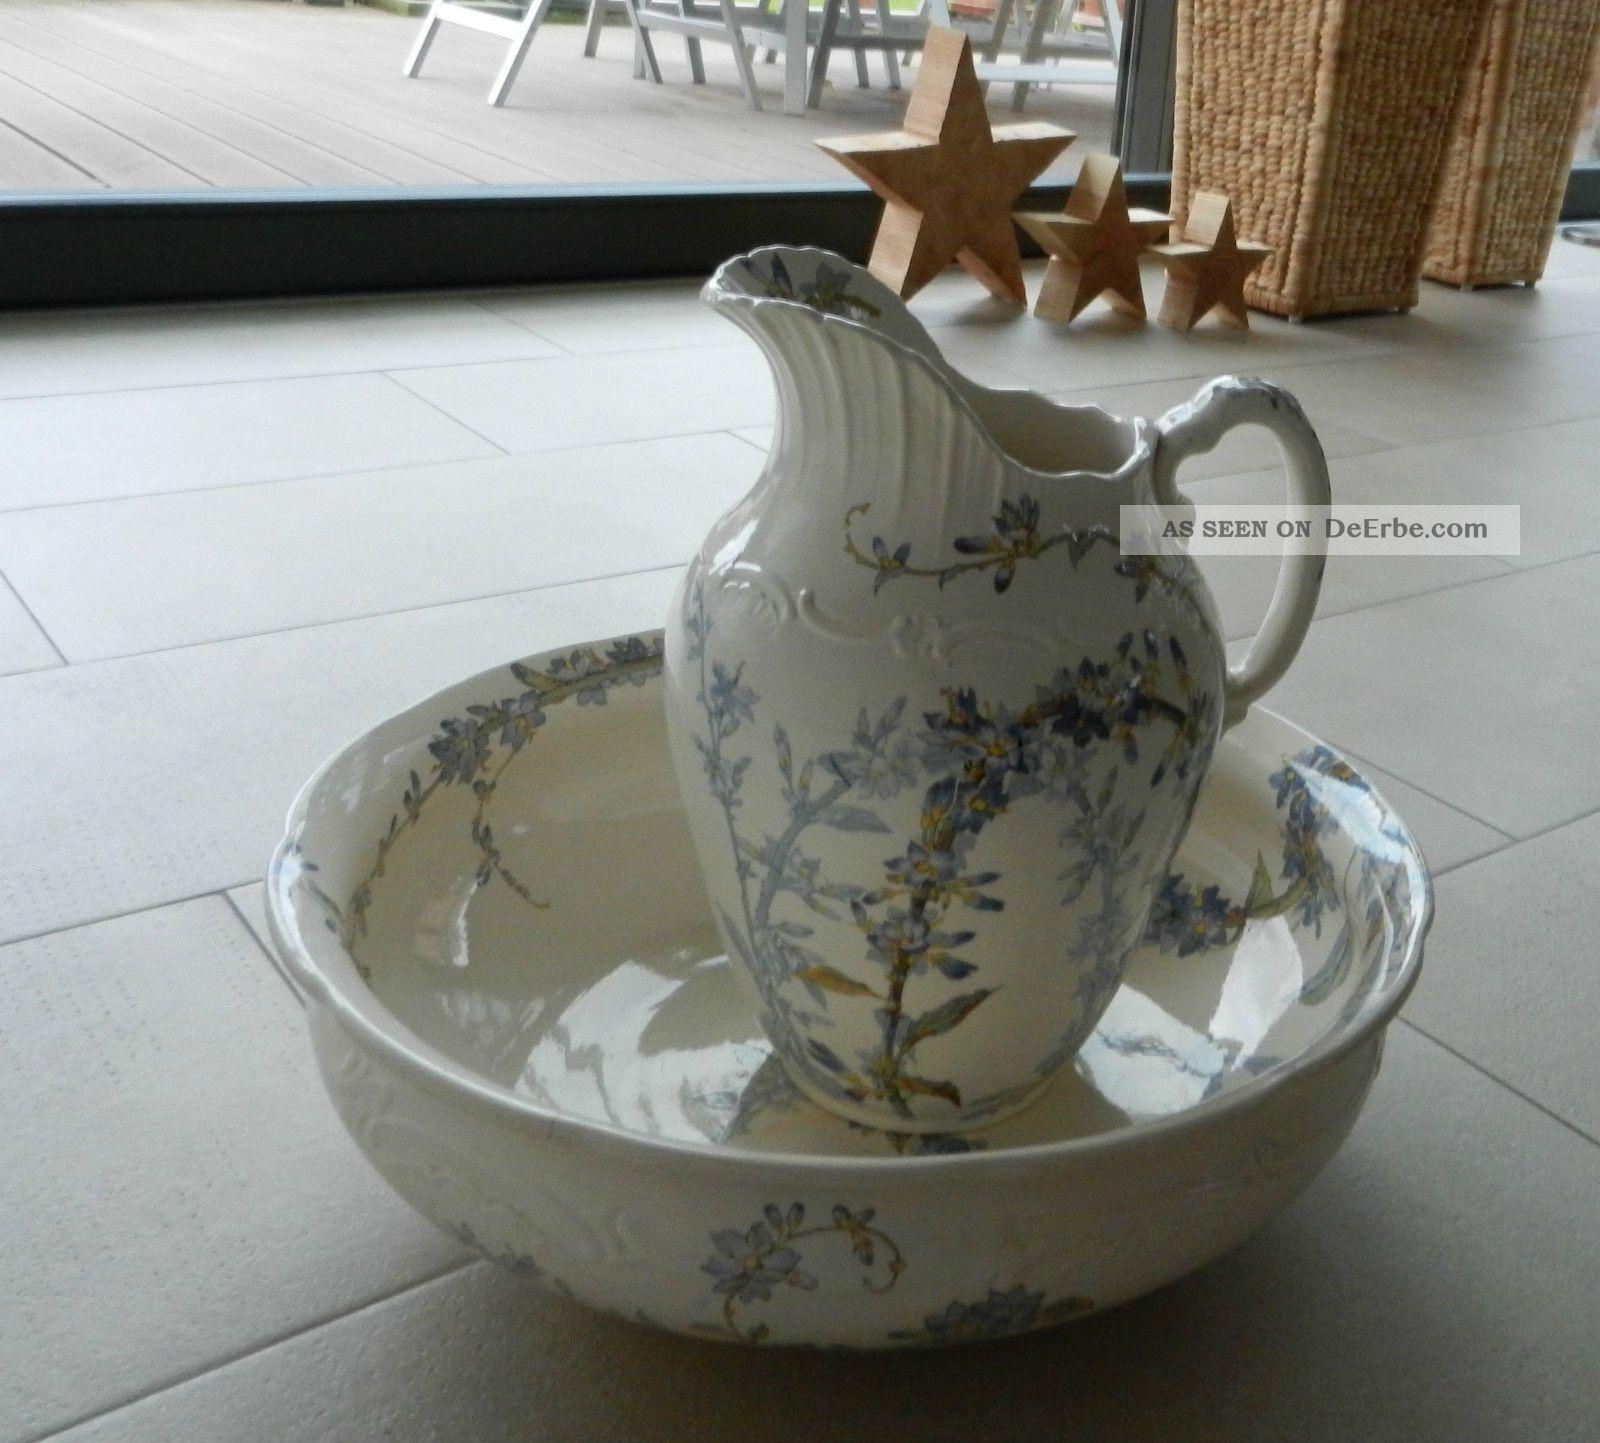 alte waschsch ssel mit krug wei blaues blumenmuster villeroy boch. Black Bedroom Furniture Sets. Home Design Ideas